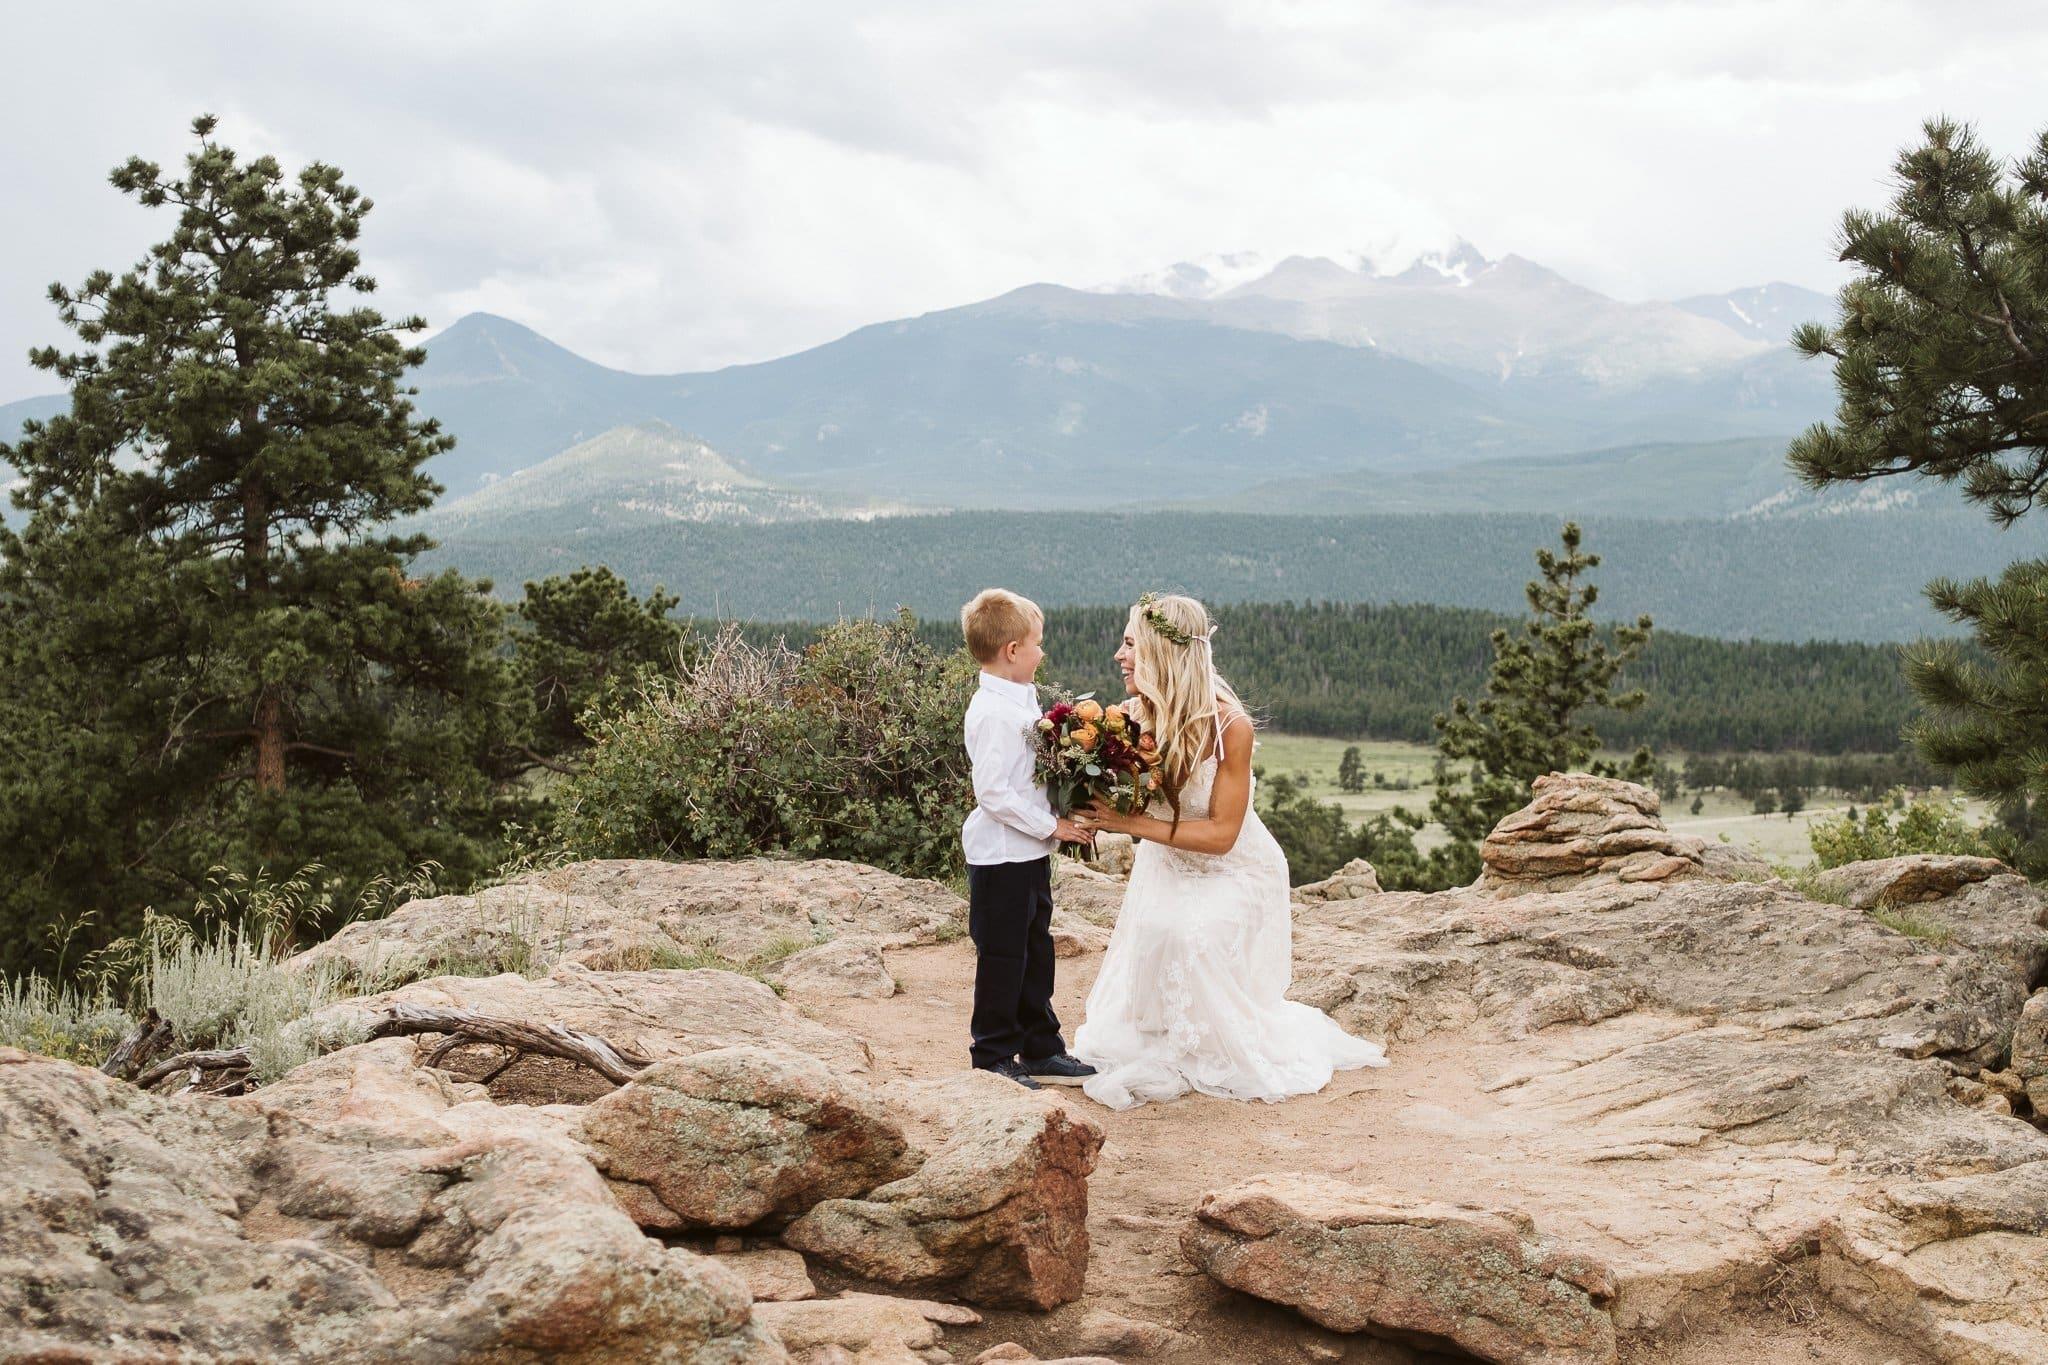 Wedding photos at 3M Curve in Rocky Mountain National Park, Estes Park wedding, Colorado wedding photographer, bride with her son